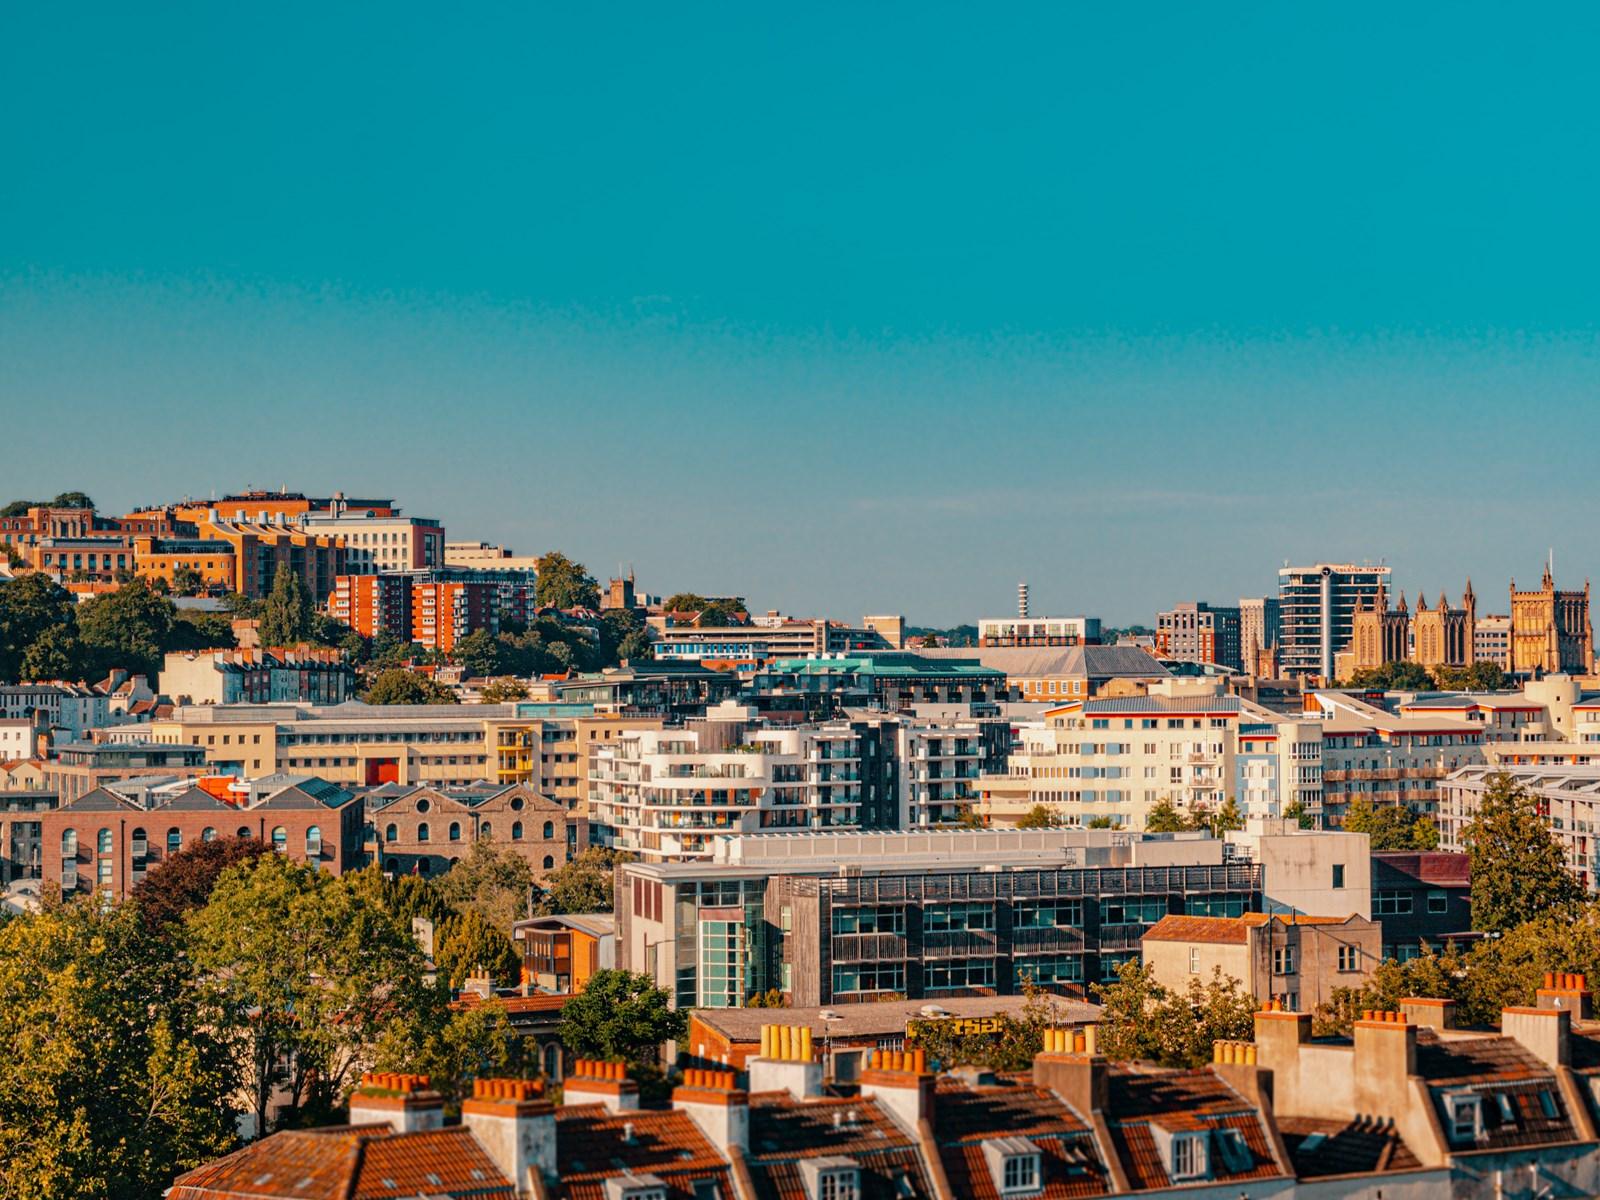 L&G starts Bristol modular housing scheme